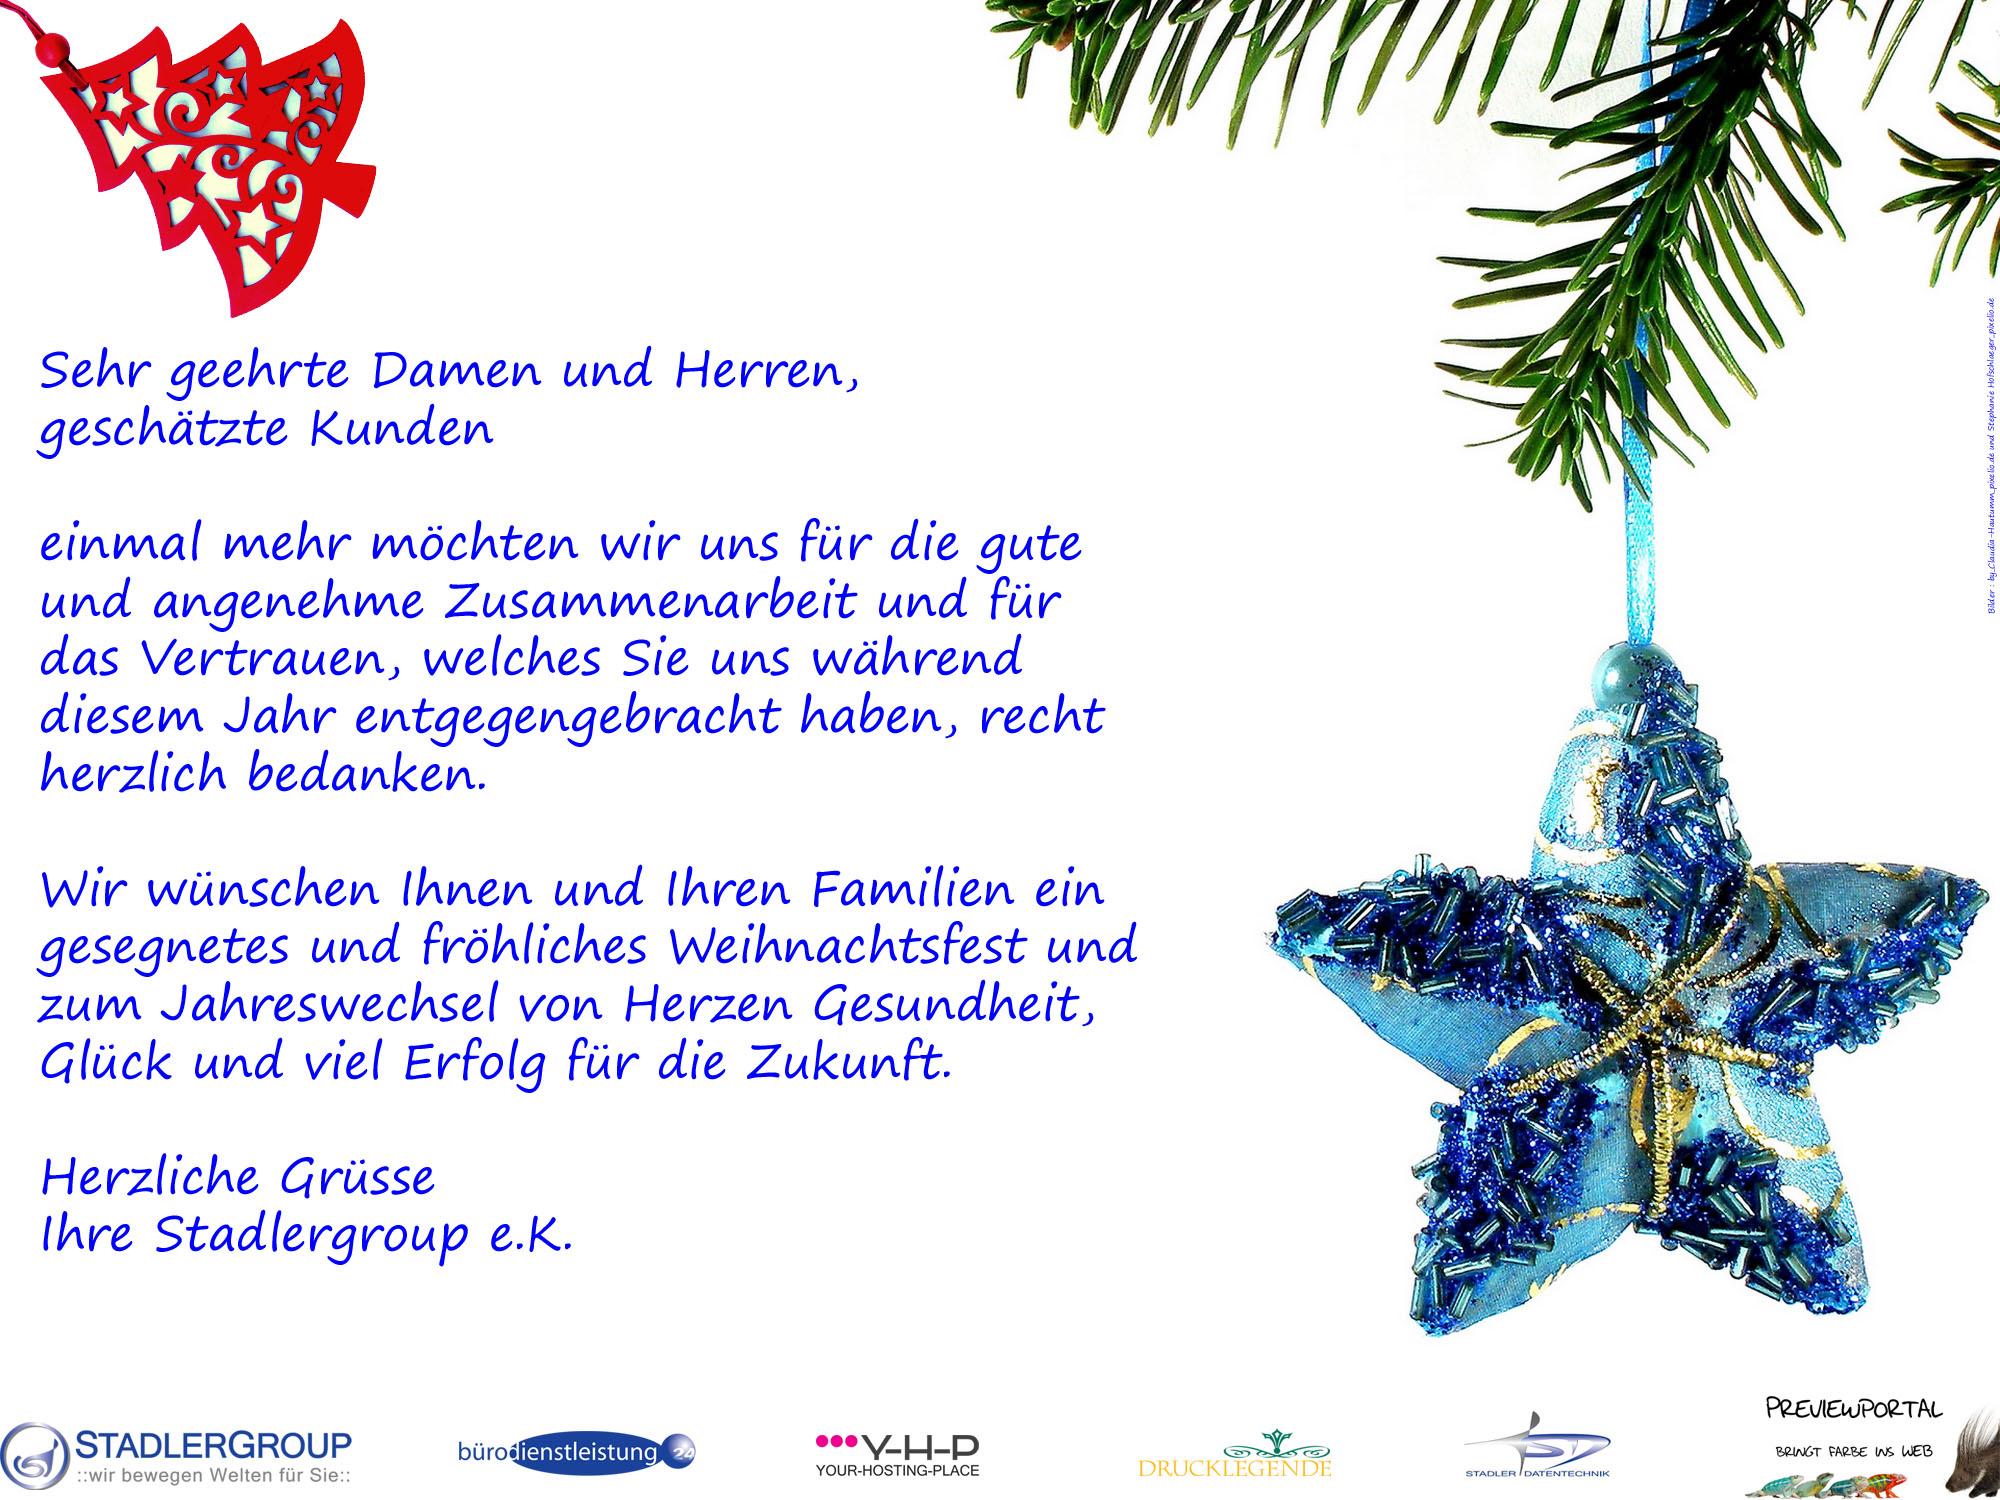 Frohe Weihnachten und einen guten Rutsch ins Jahr 2012